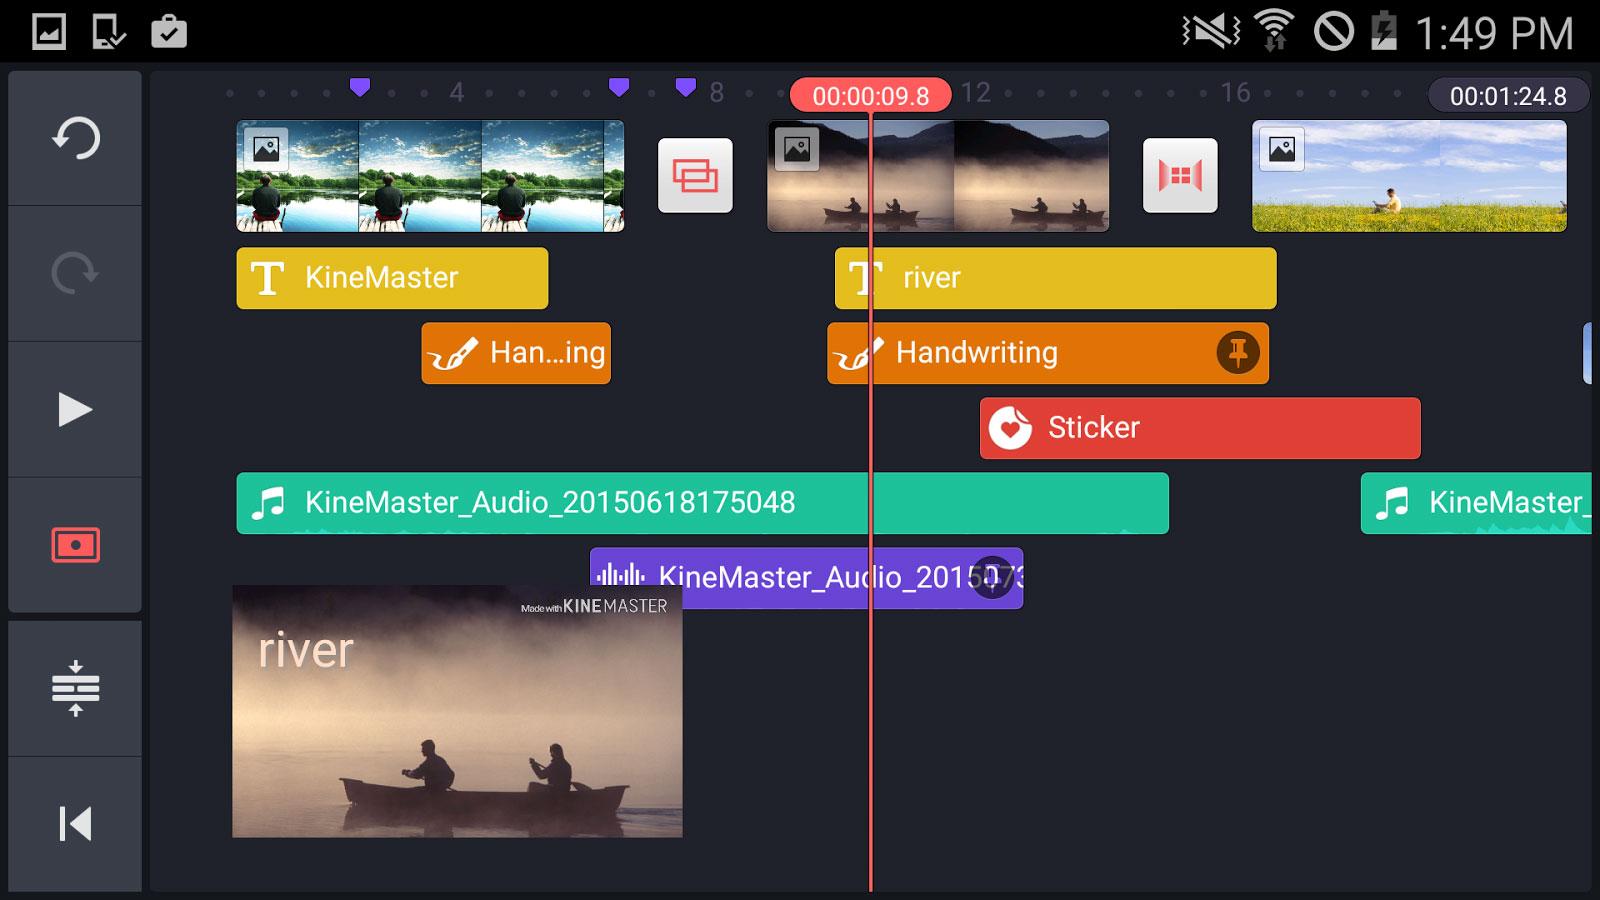 دانلود KineMaster Pro – Video Editor 4.7.5.11896.GP - ویرایشگر ویدئو اندروید + مود